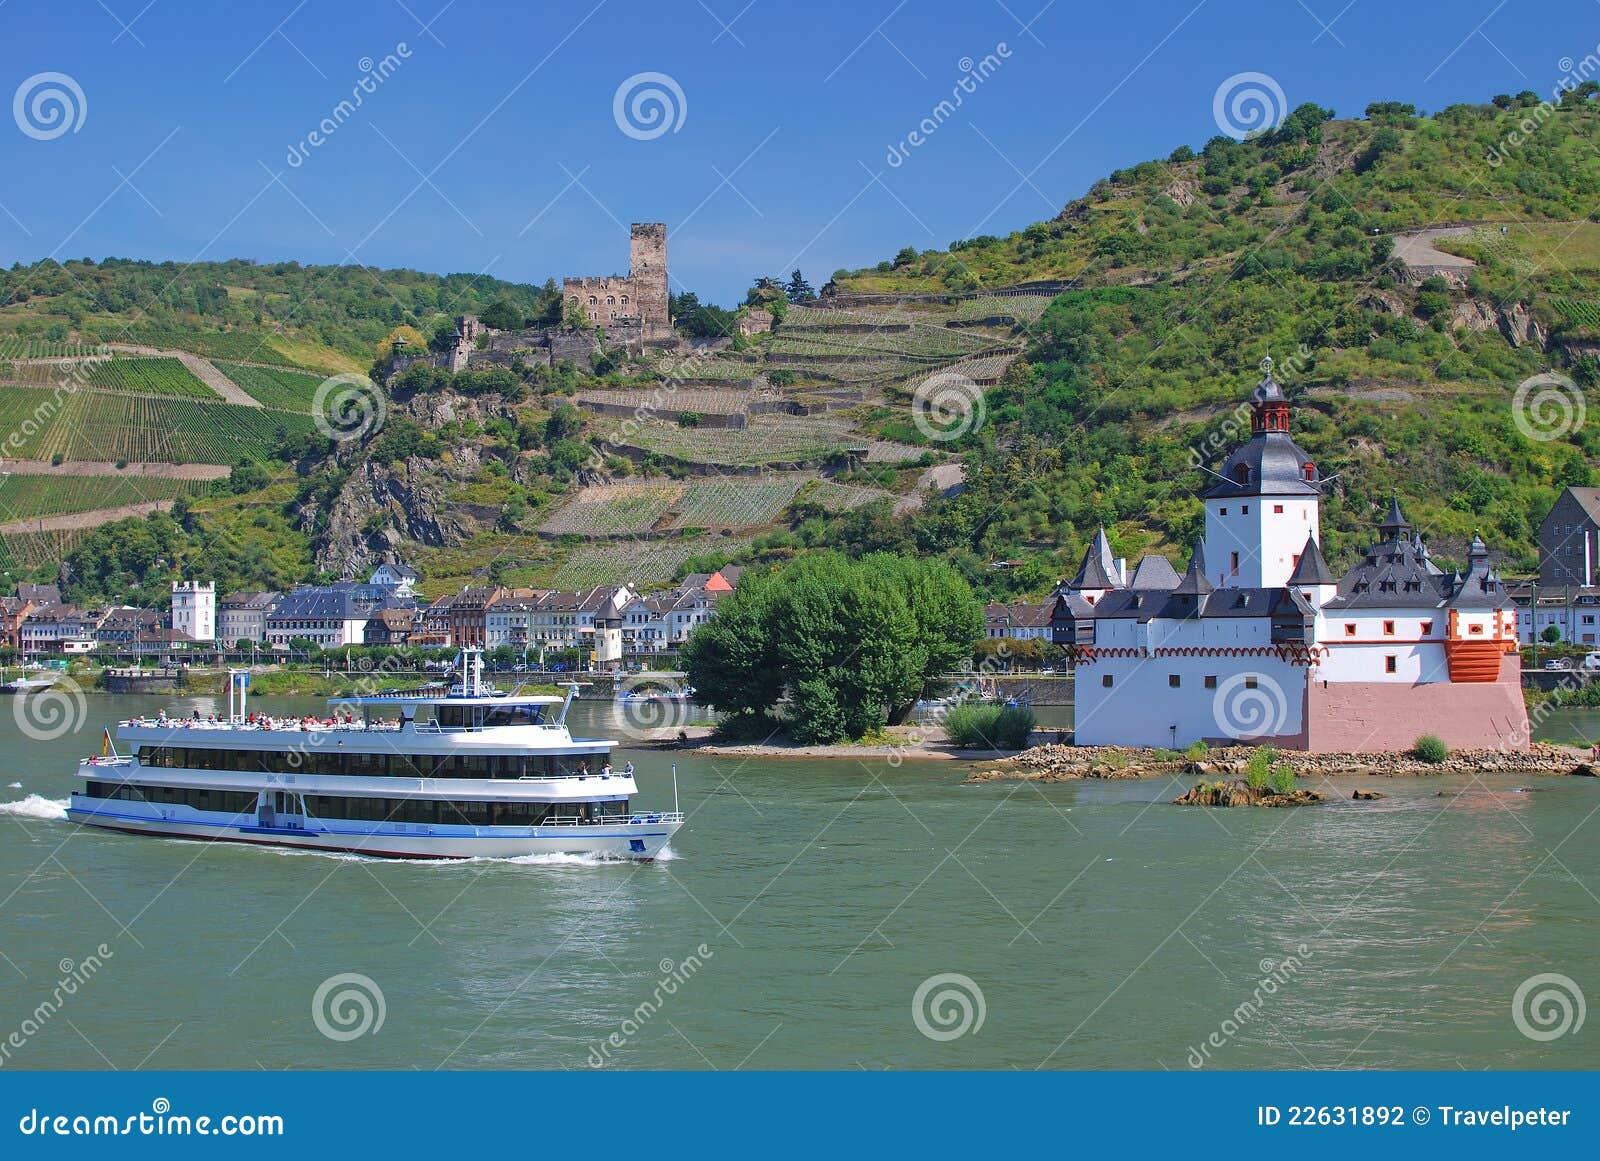 Kaub, castelo, vale de Rhine, Alemanha